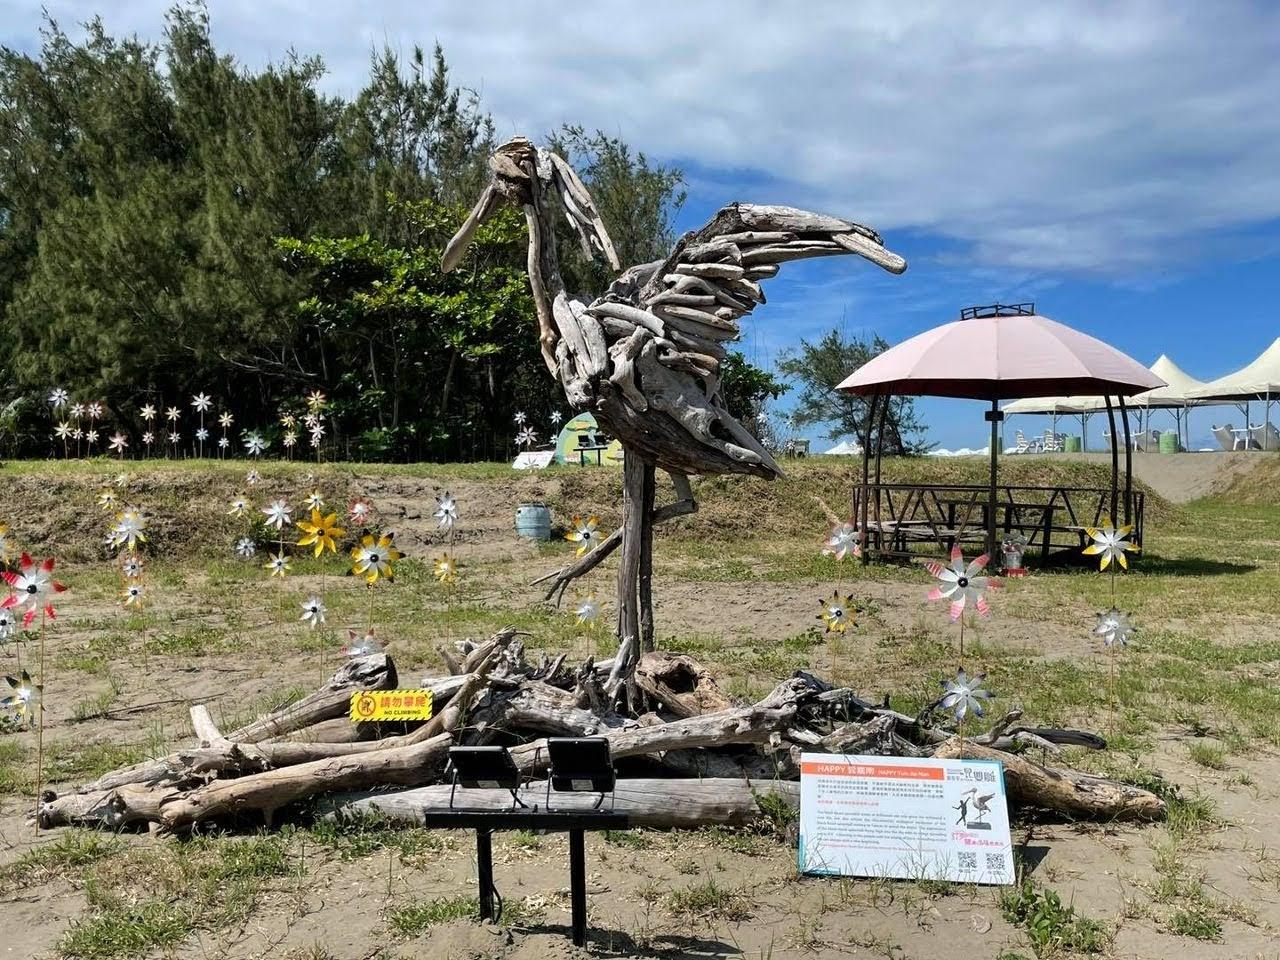 2021一見雙雕藝術季|馬沙溝漂流木雕地景藝術|8/21登場|活動